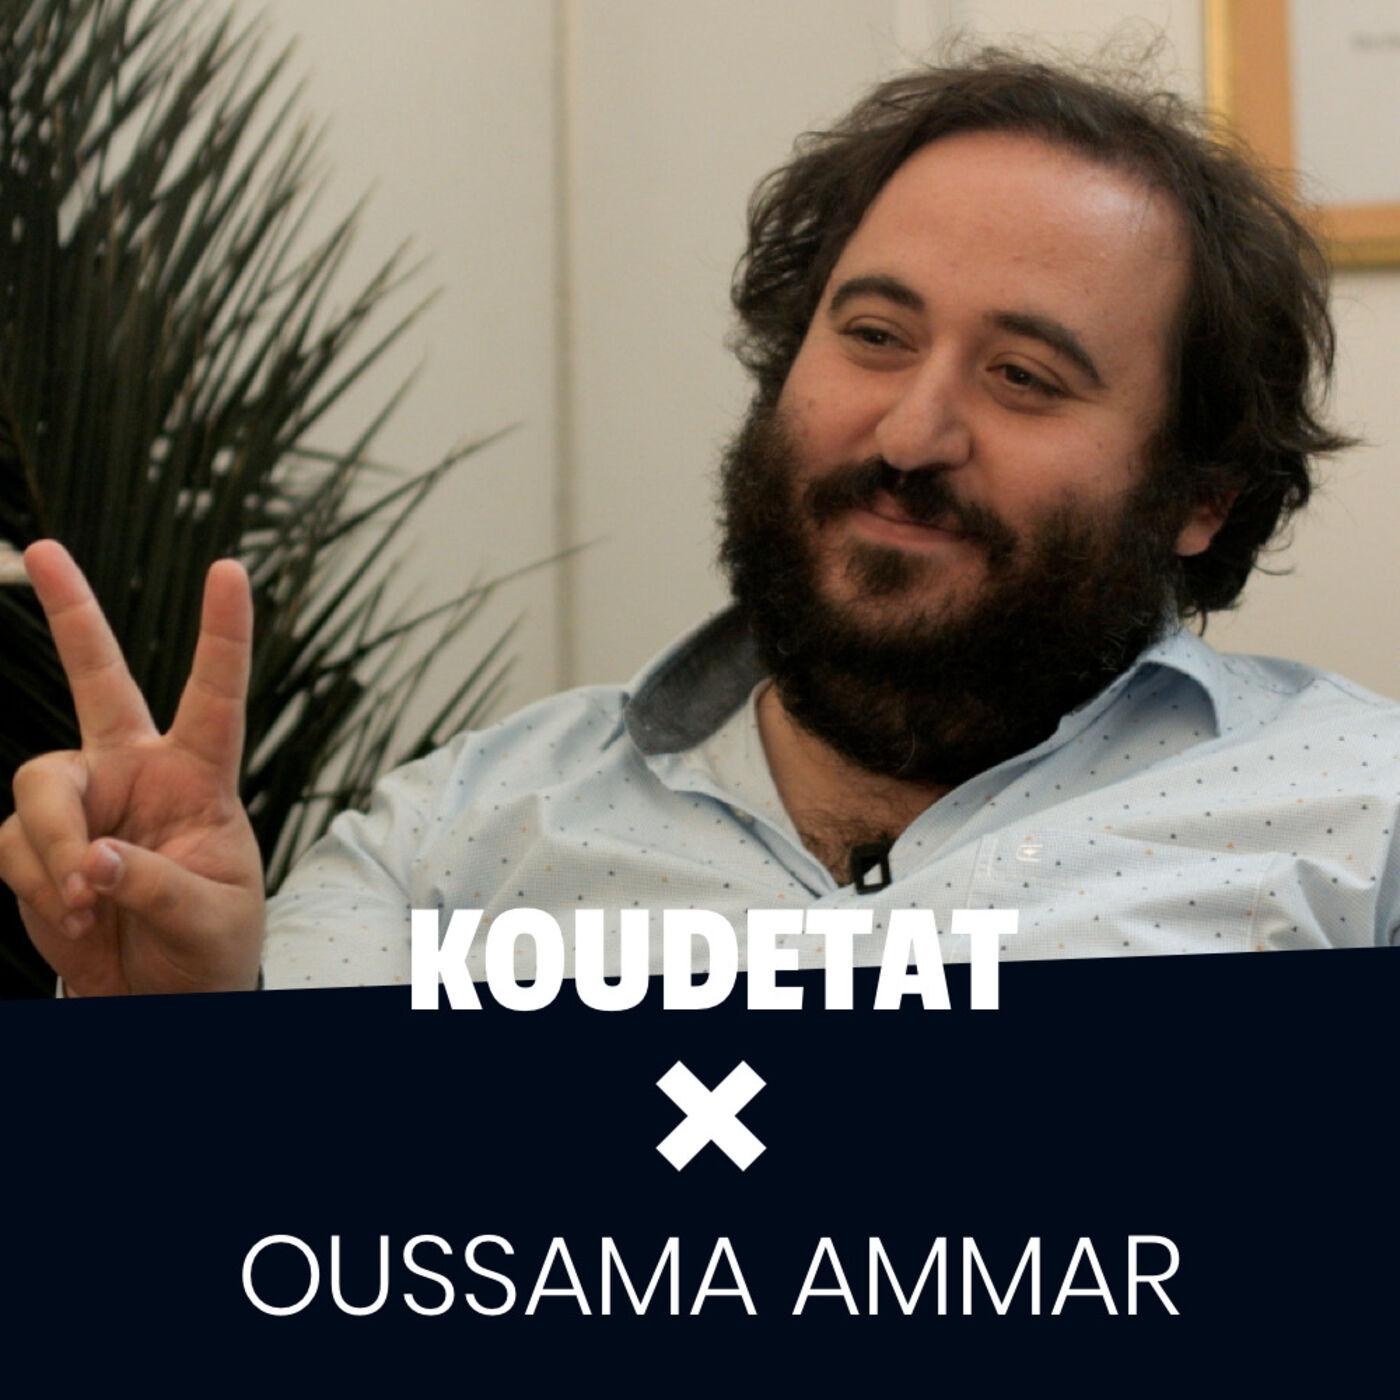 Koudetat, c'est la version scalable de The Family I Koudetat x Oussama Ammar (part.1)